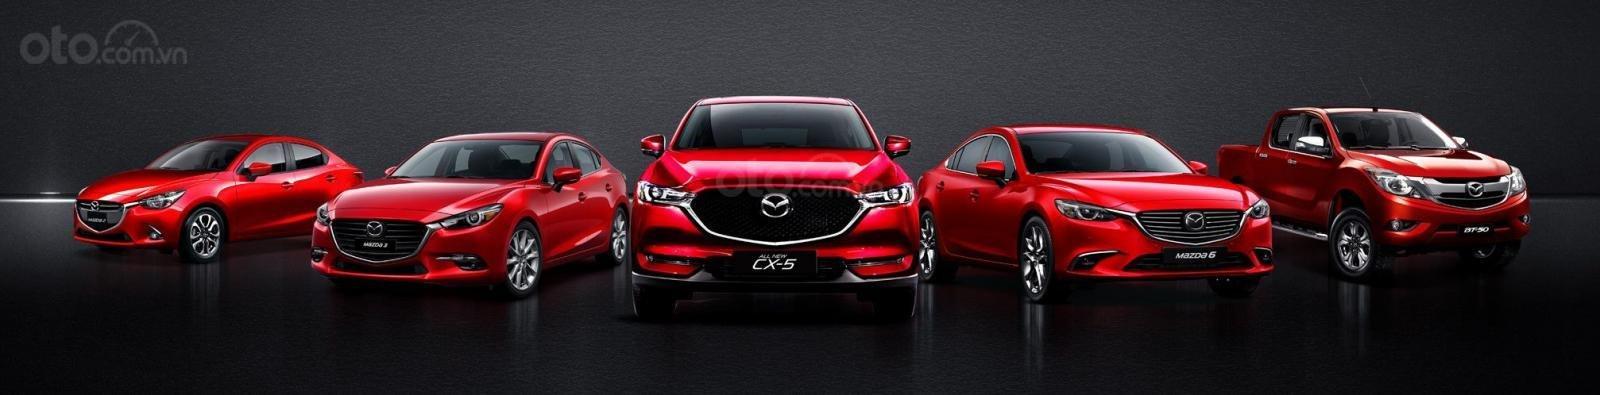 Mazda có số lượng triệu hồi lớn nhất trong đợt này